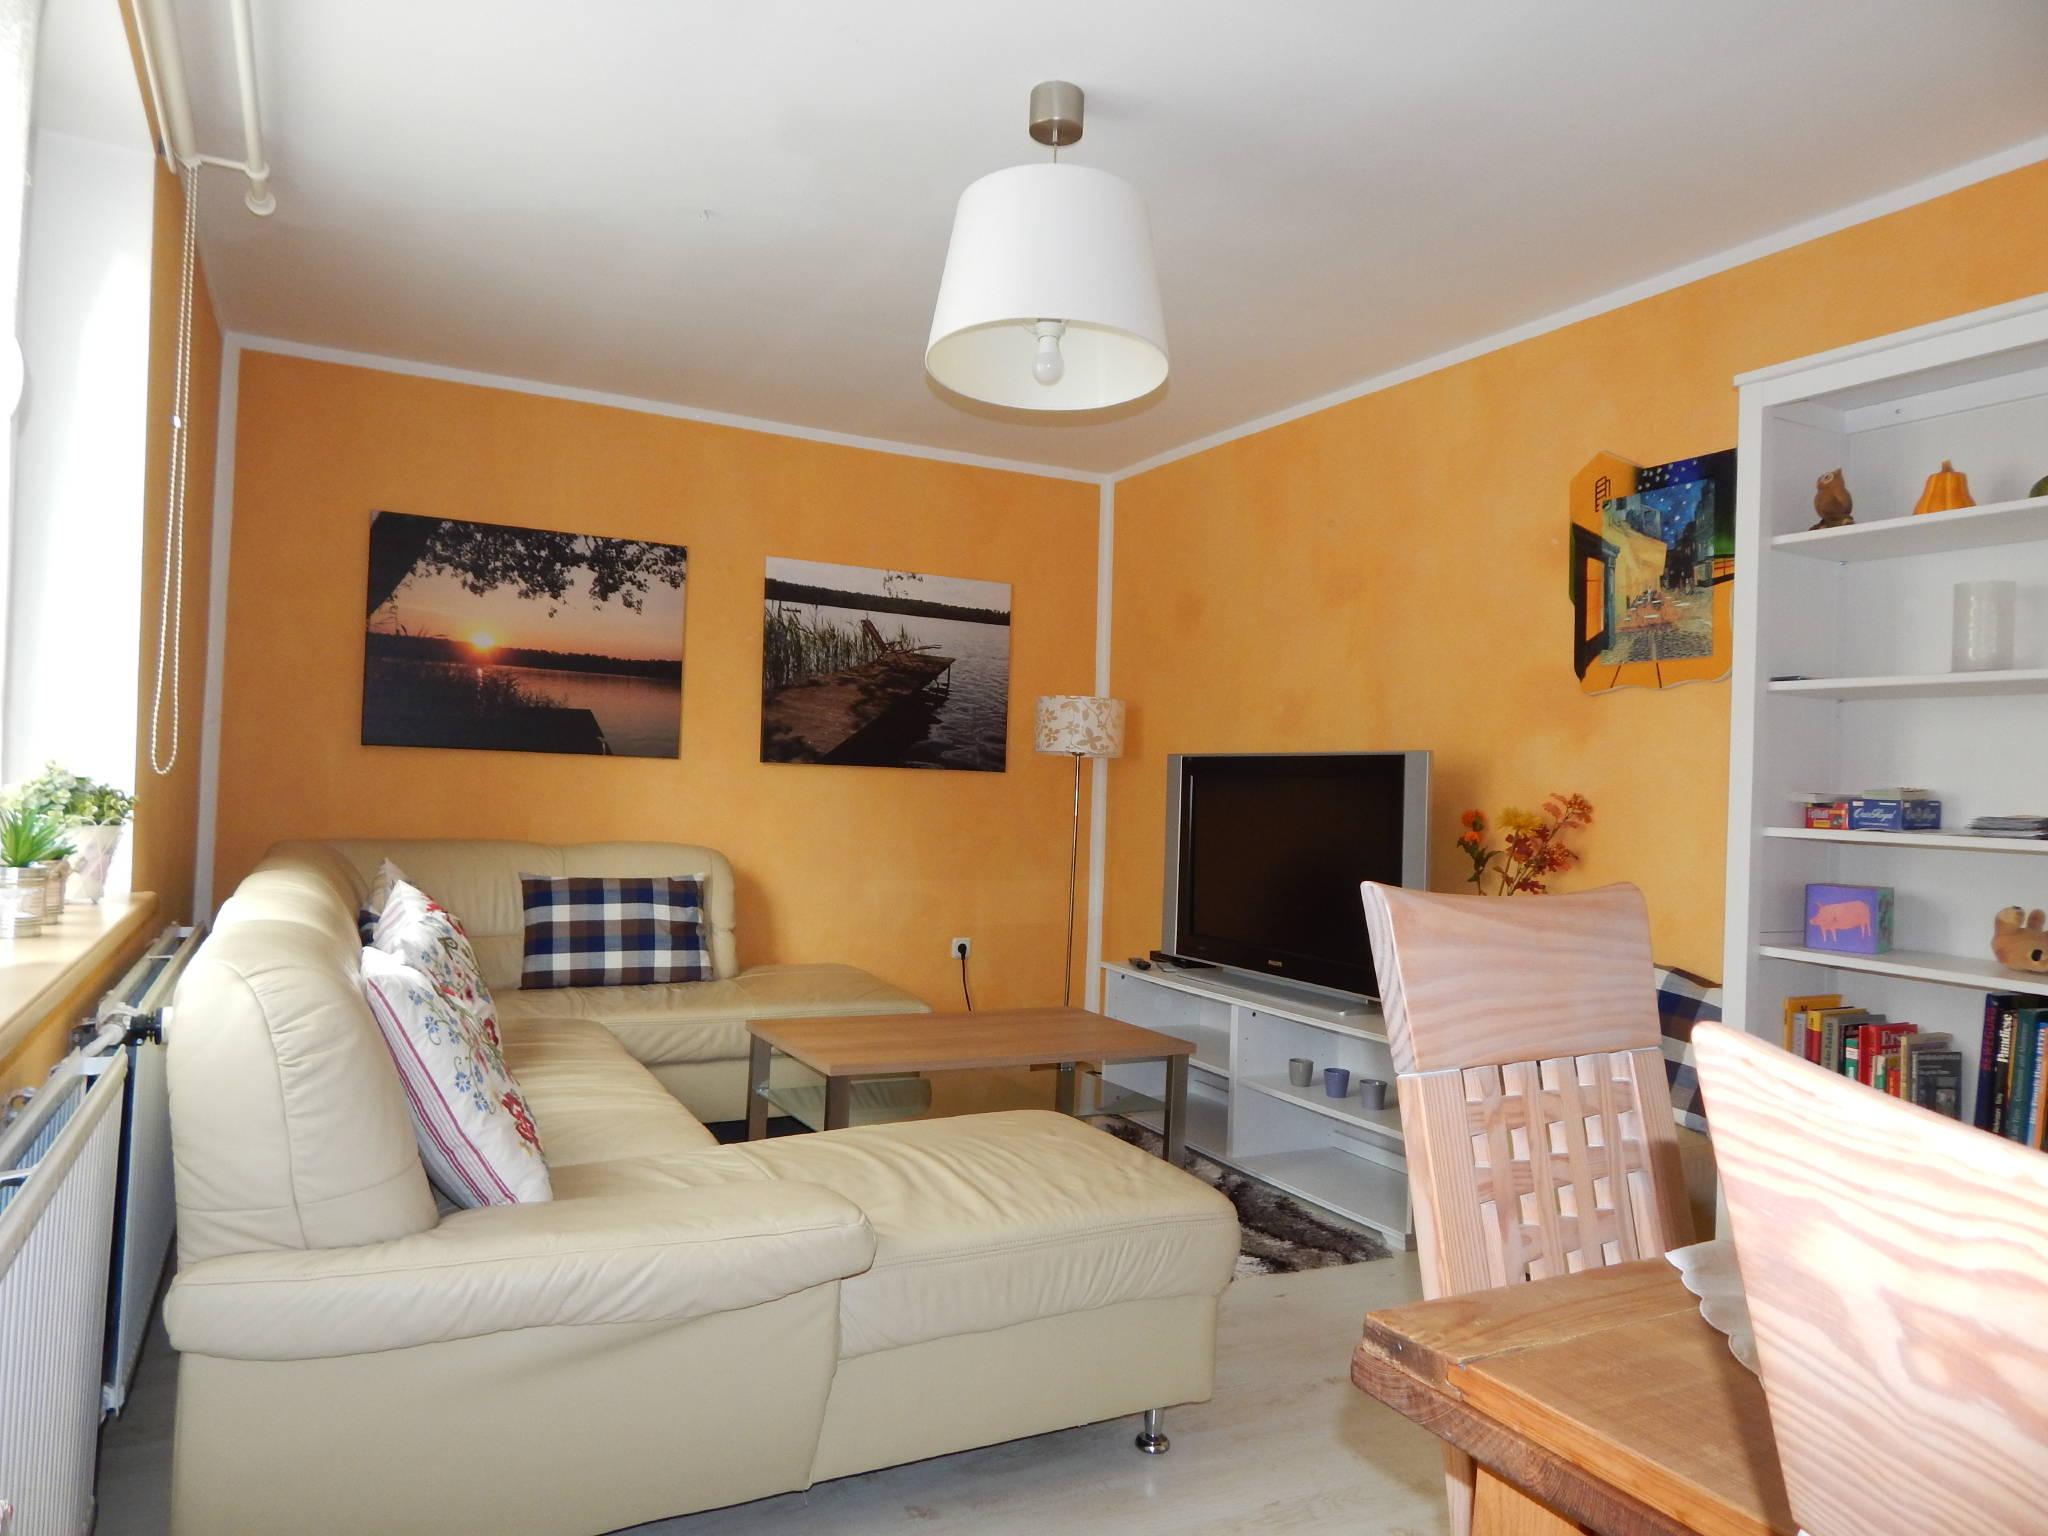 Wohnzimmer mit TV, Couch und Essplatz